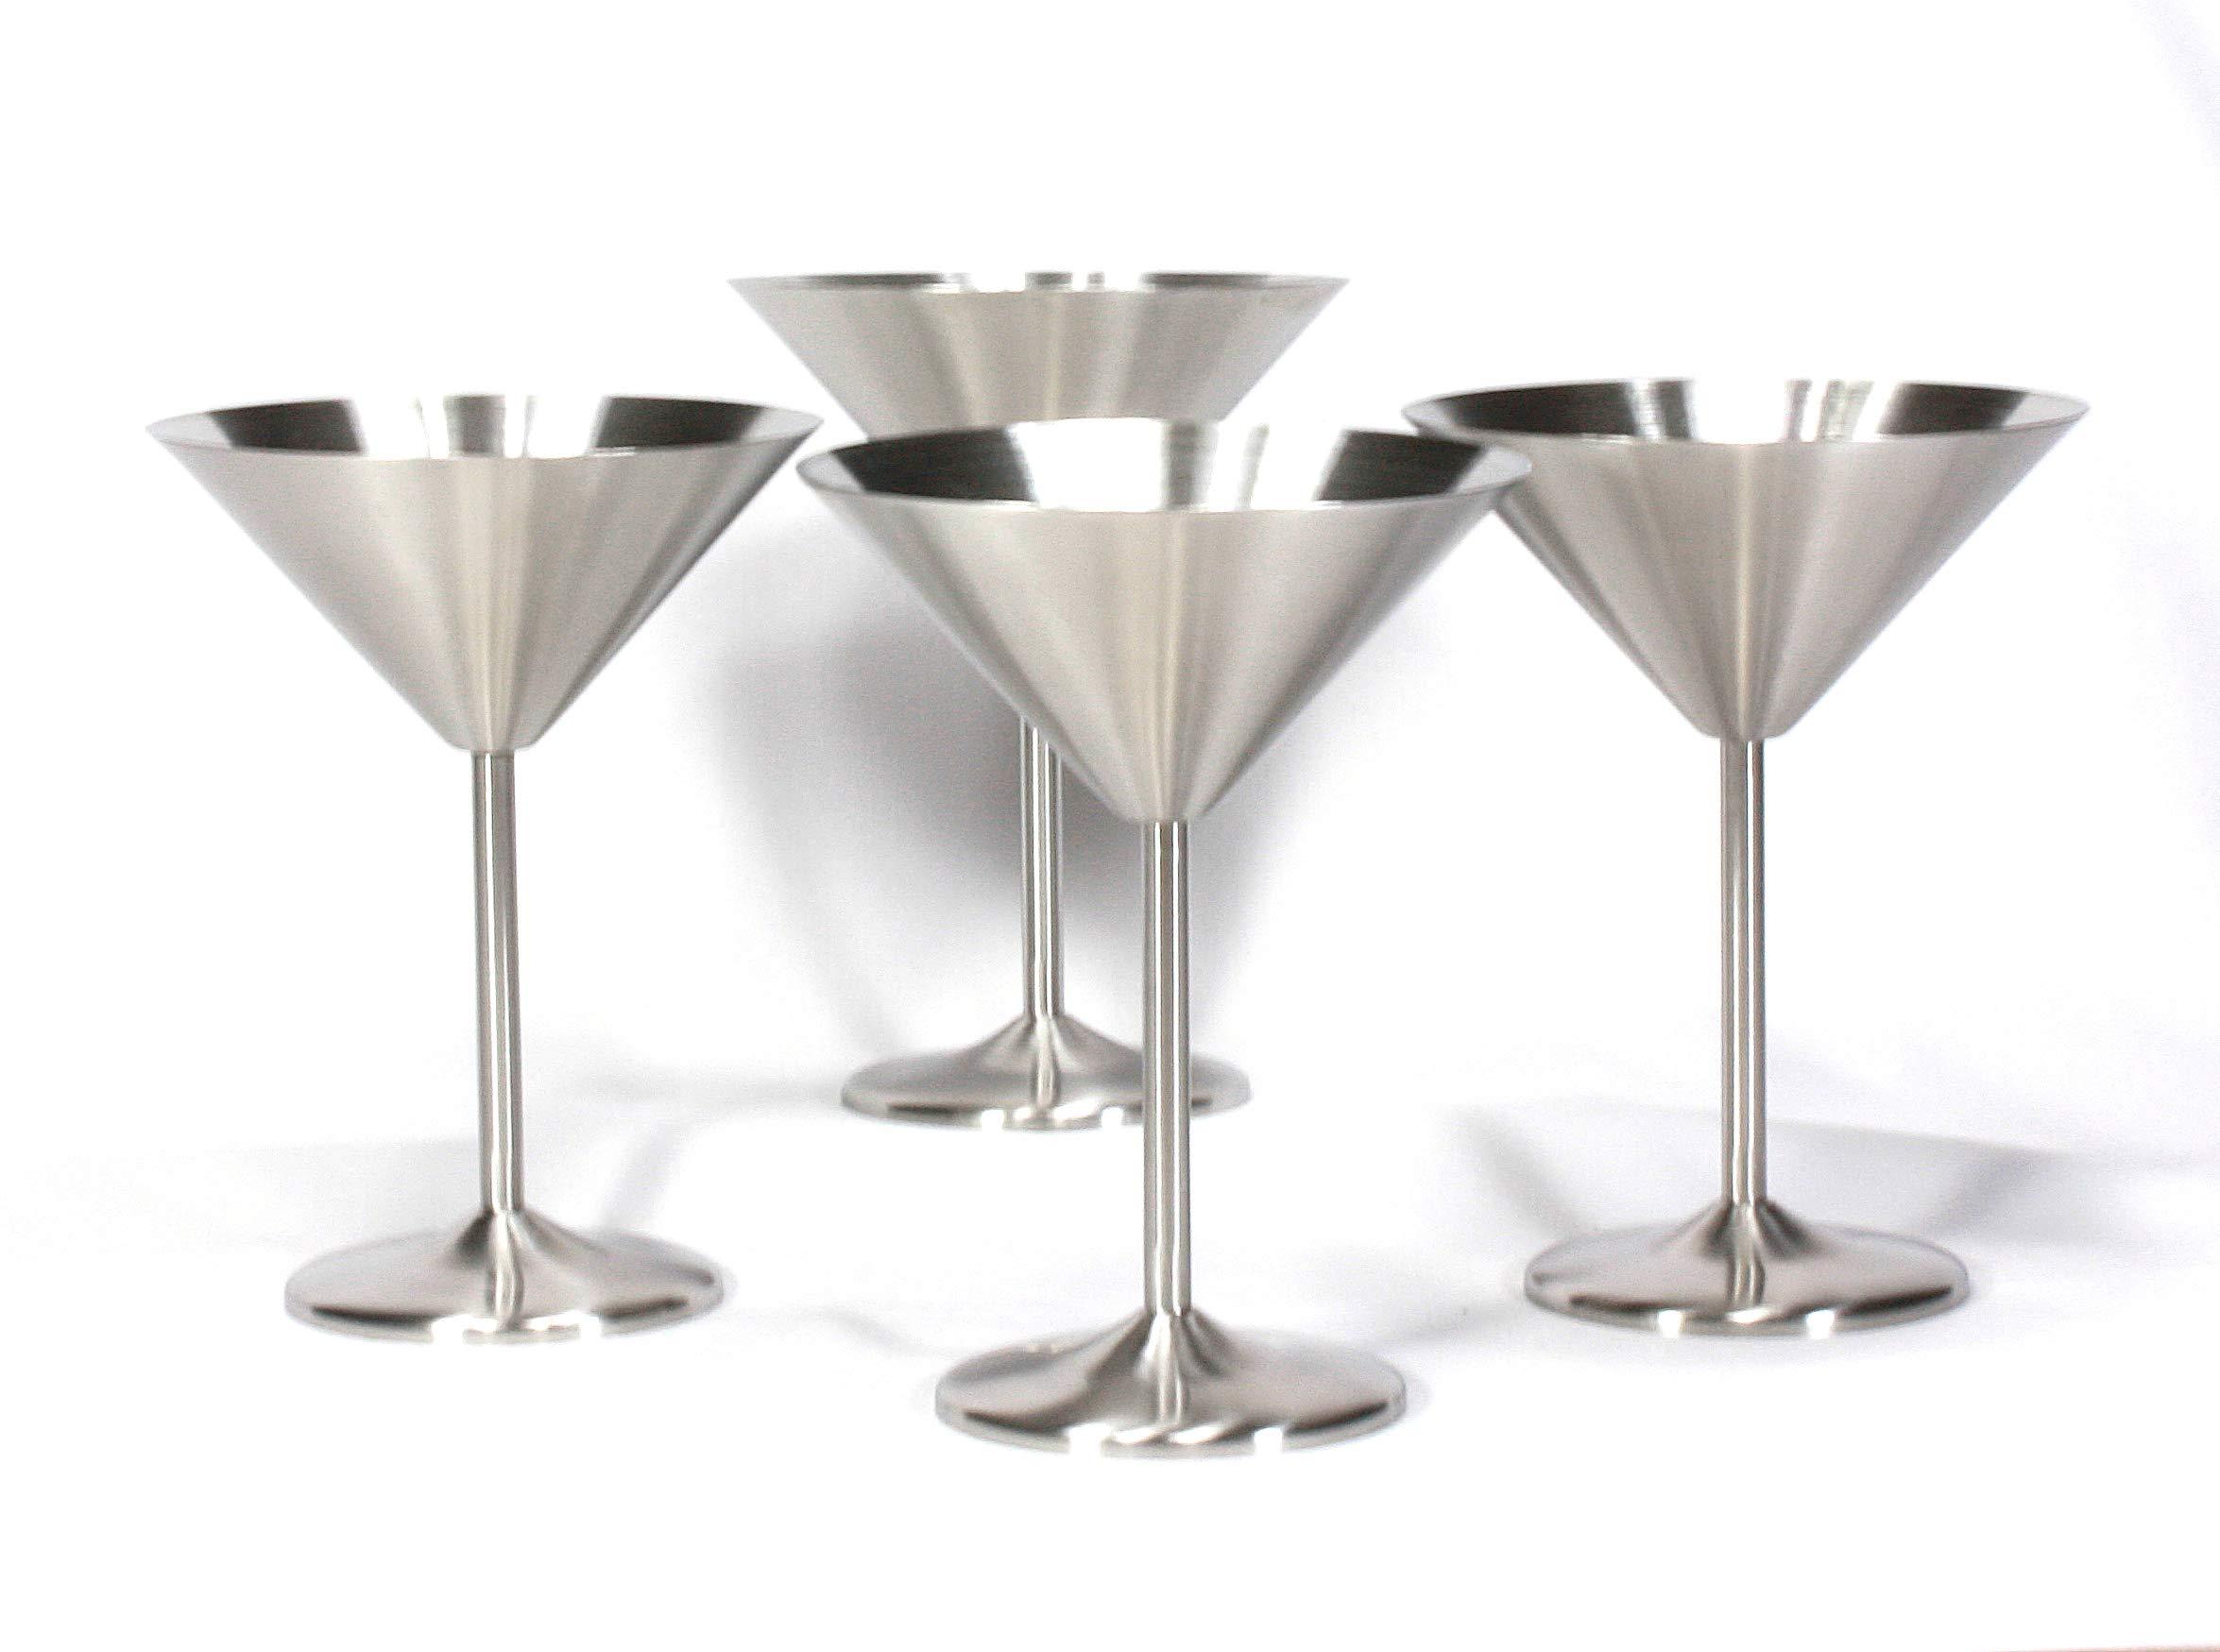 Trendiware Stemmed Martini Cocktail Glasses 7 oz. (Stainless Steel, 4)